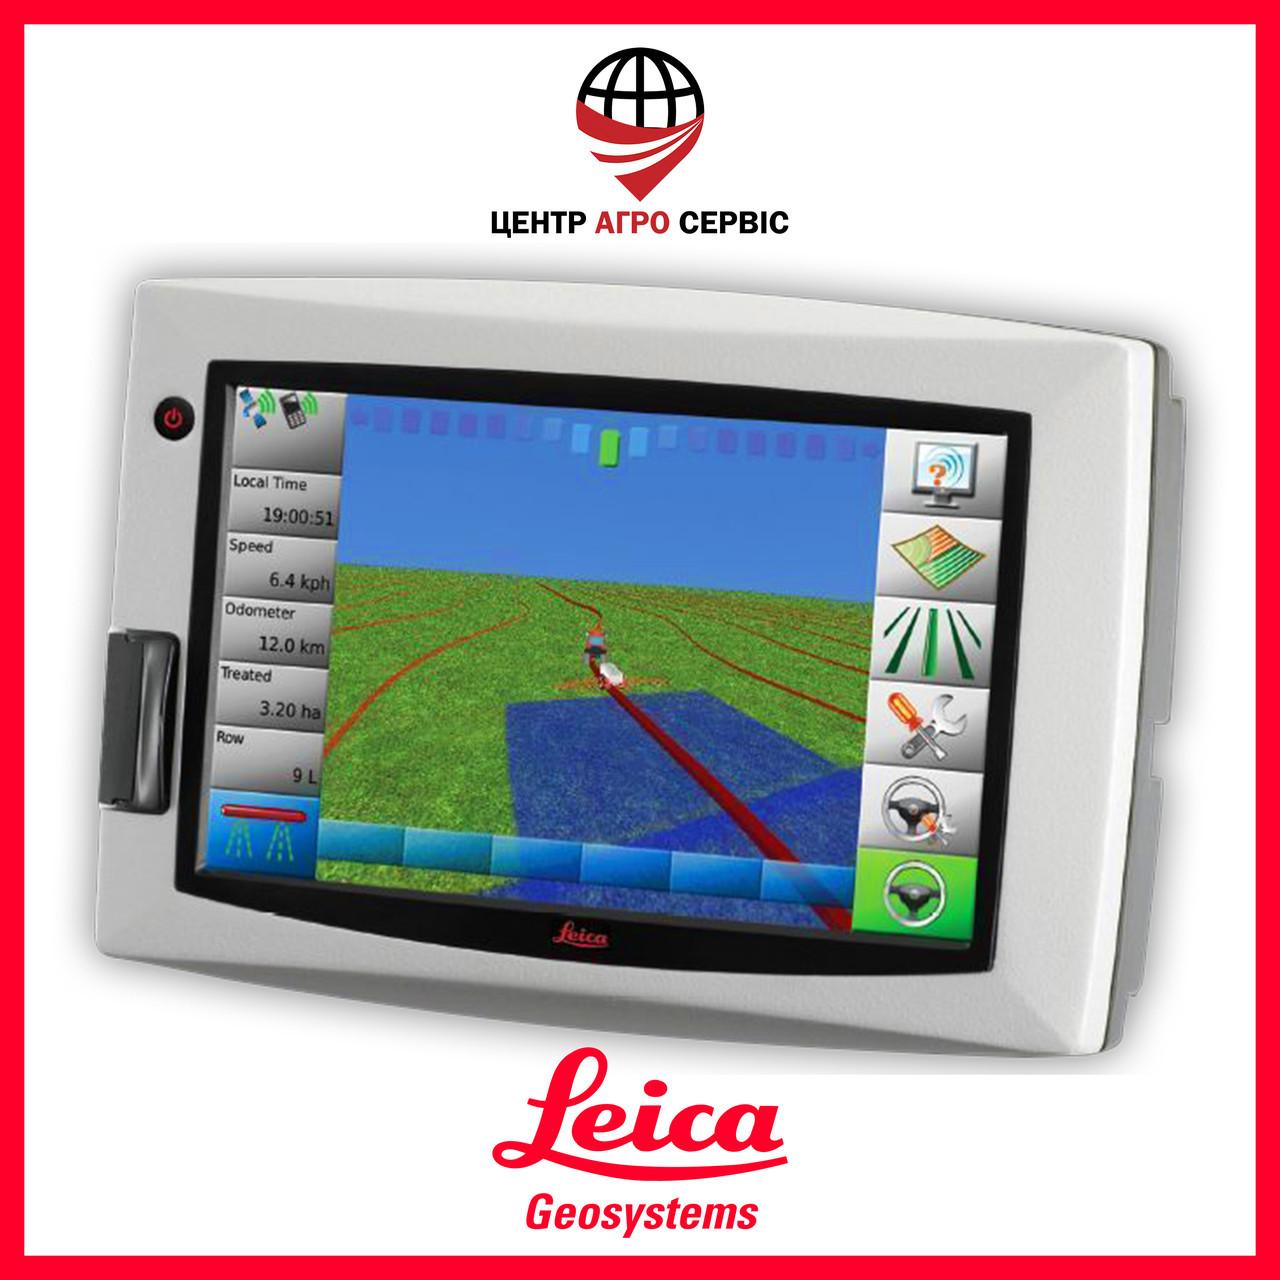 Курсовказівник (система паралельного водіння, агронавігатор) LEICA mojo 3D